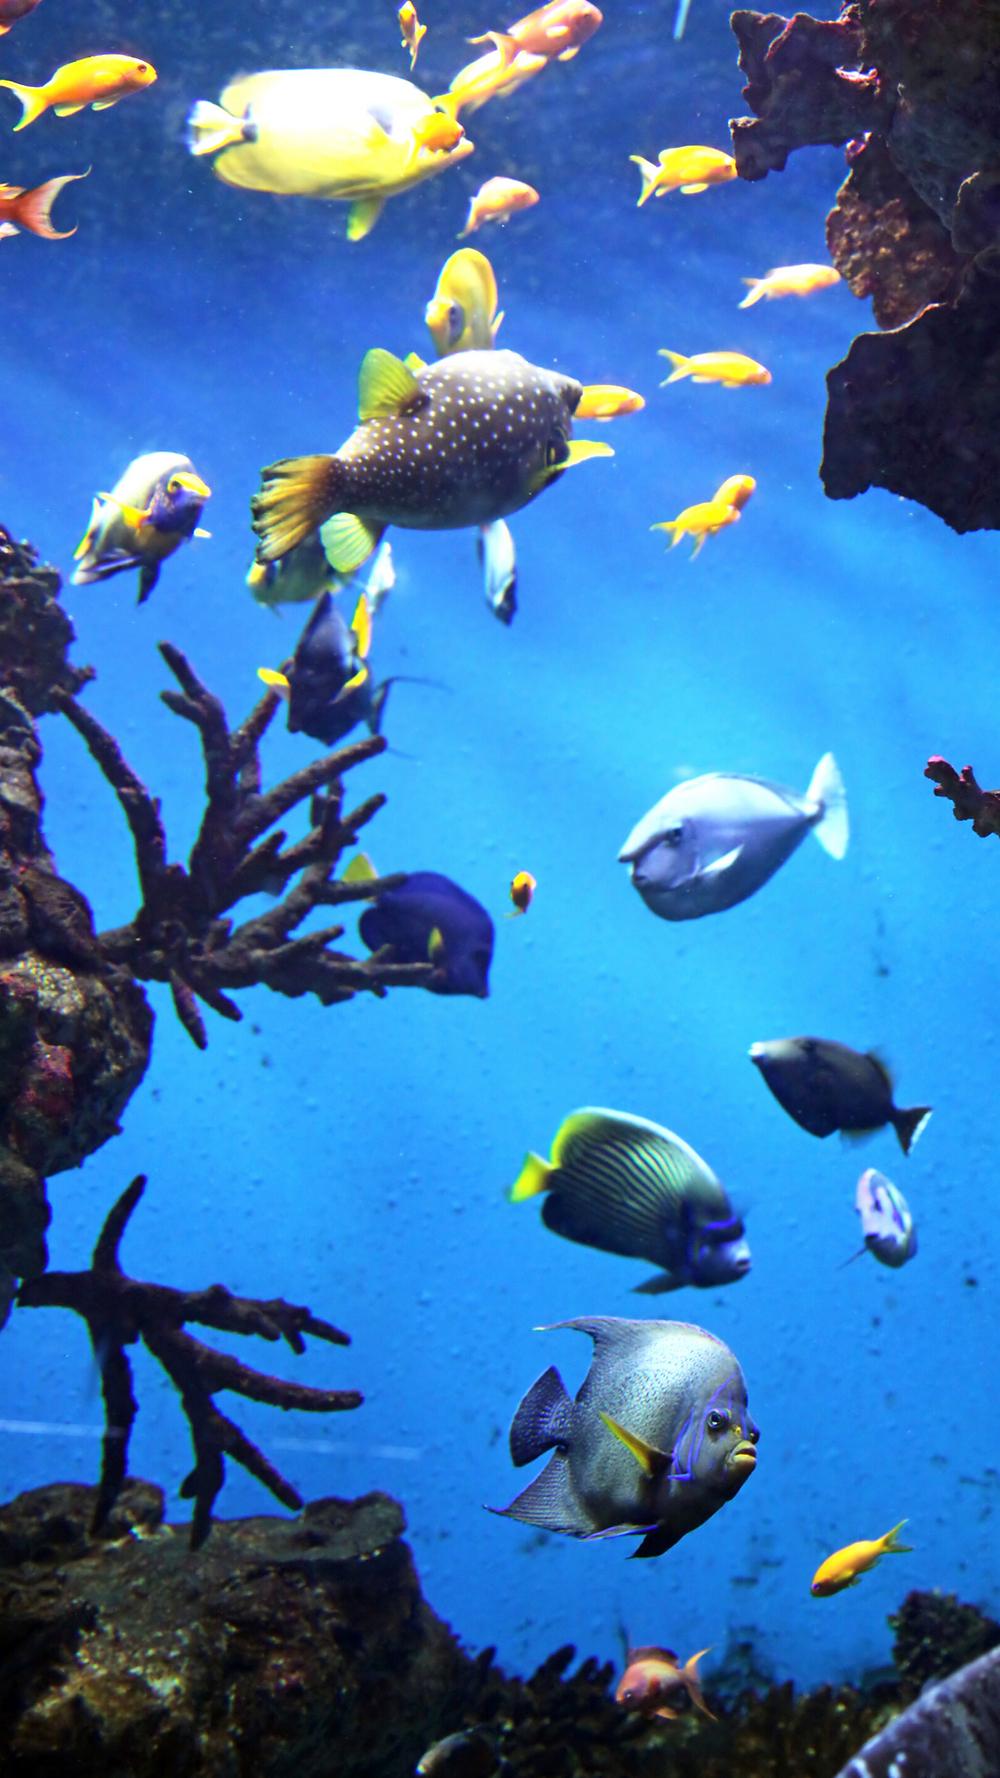 bunte Fische im glasklaren, blauen Wasser, Quelle: Canva